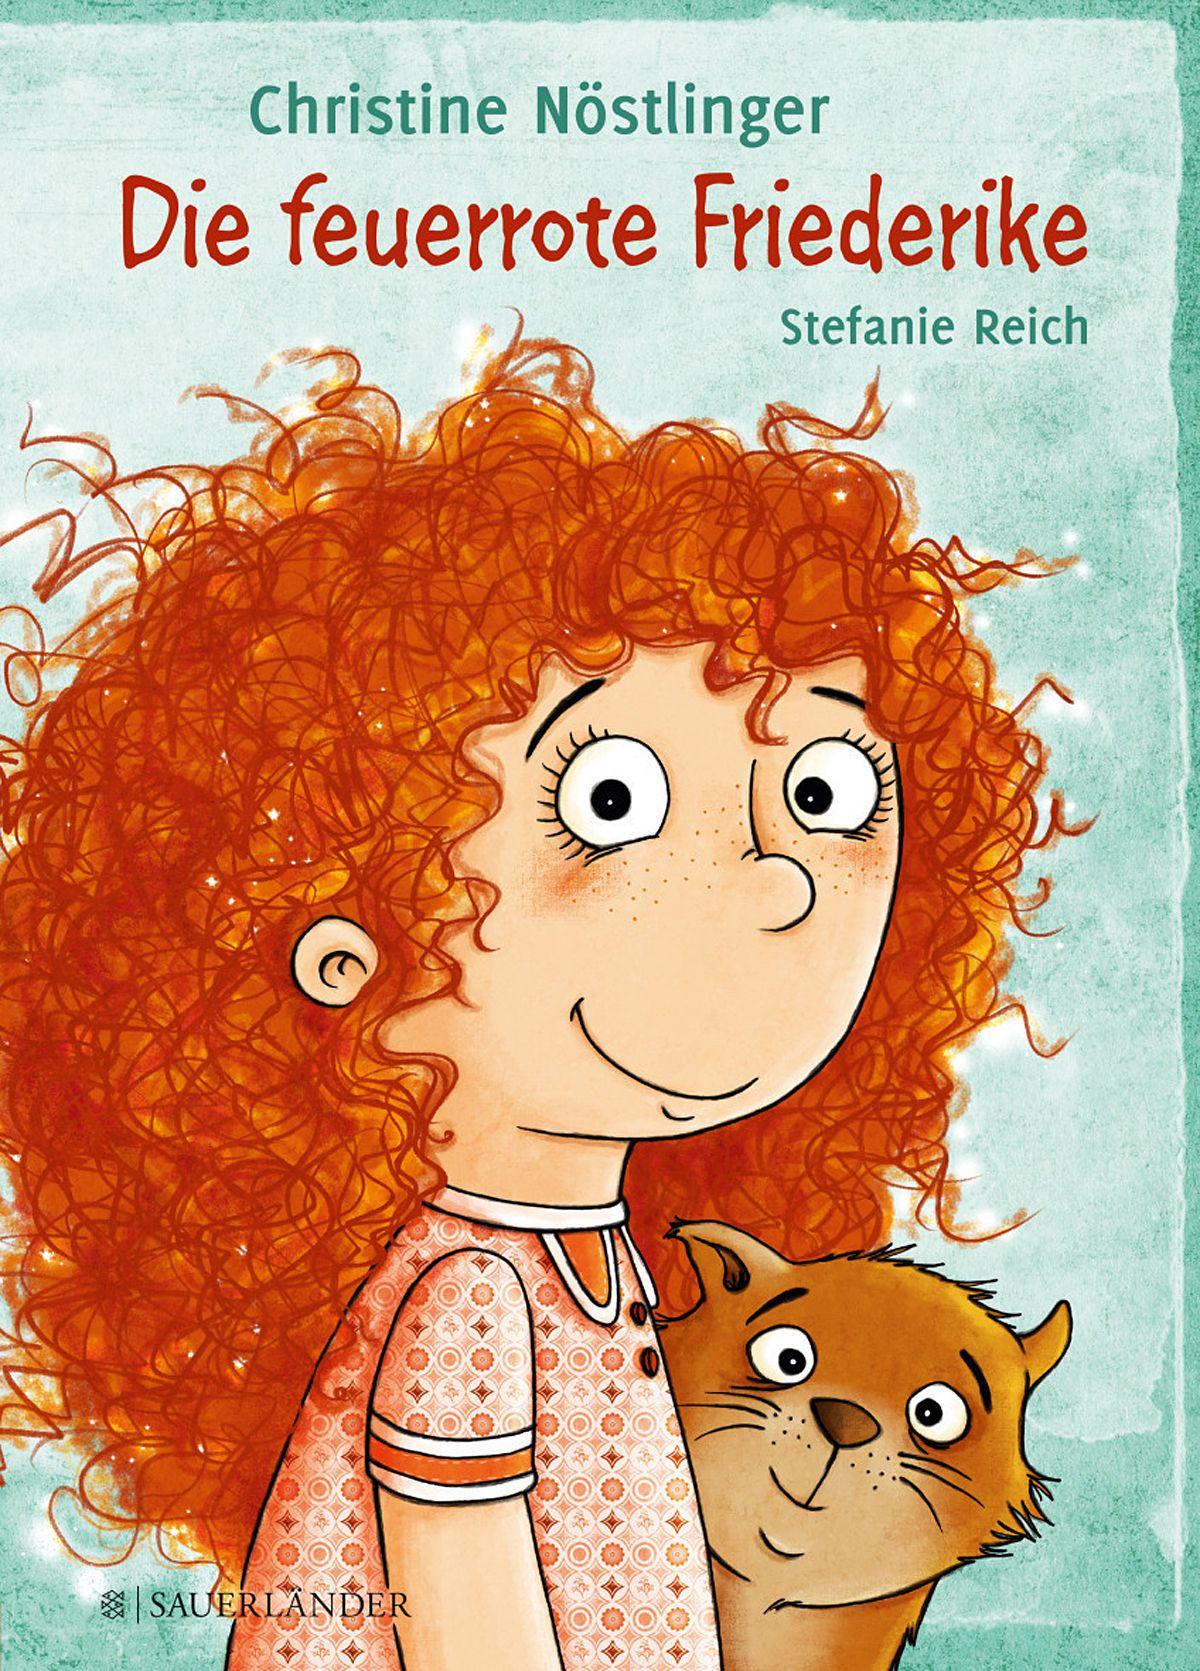 Christine Nöstlinger: Die feuerrote Friederike COVER